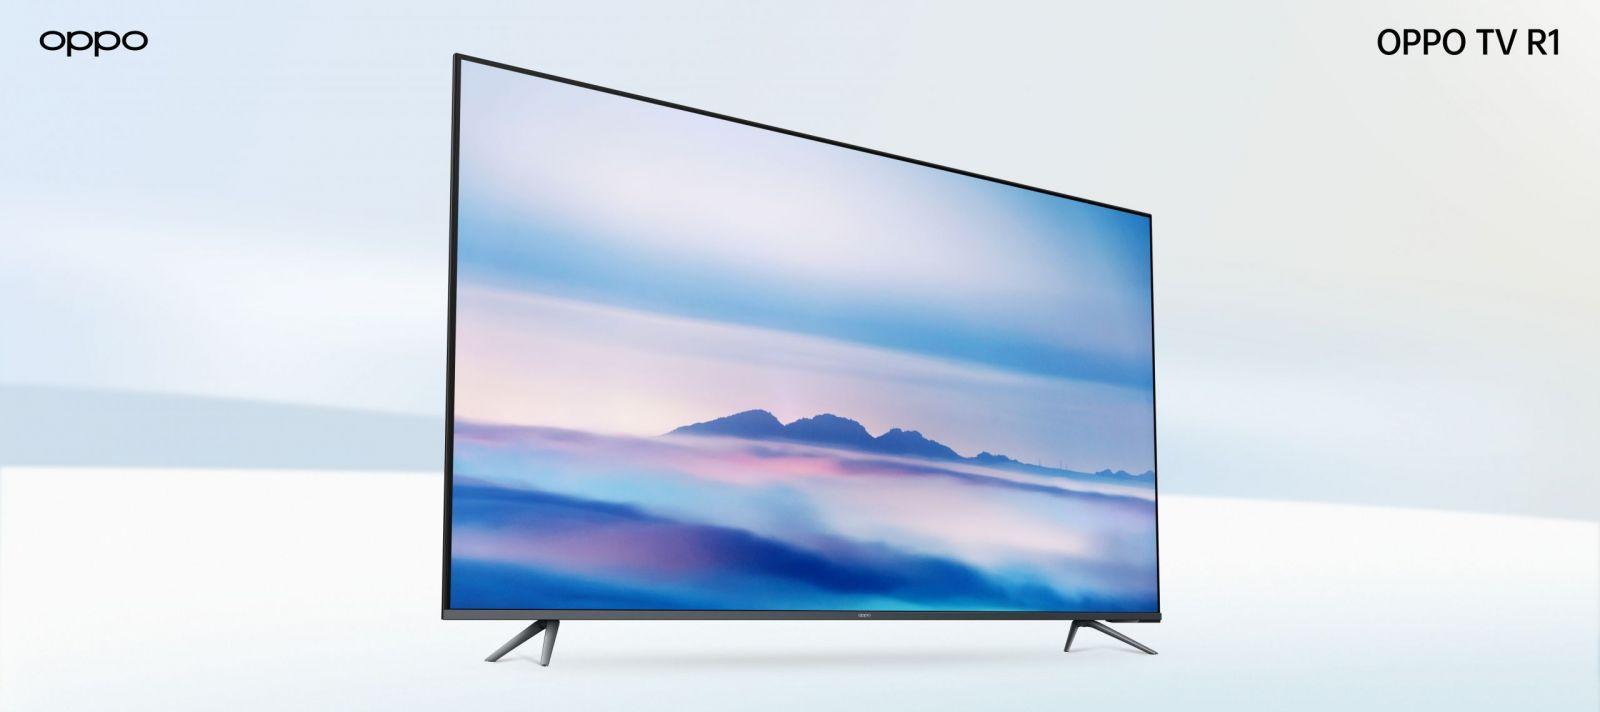 OPPO представила телевизоры, новые беспроводные наушники и другие умные устройства (OPPO TV R1 scaled)